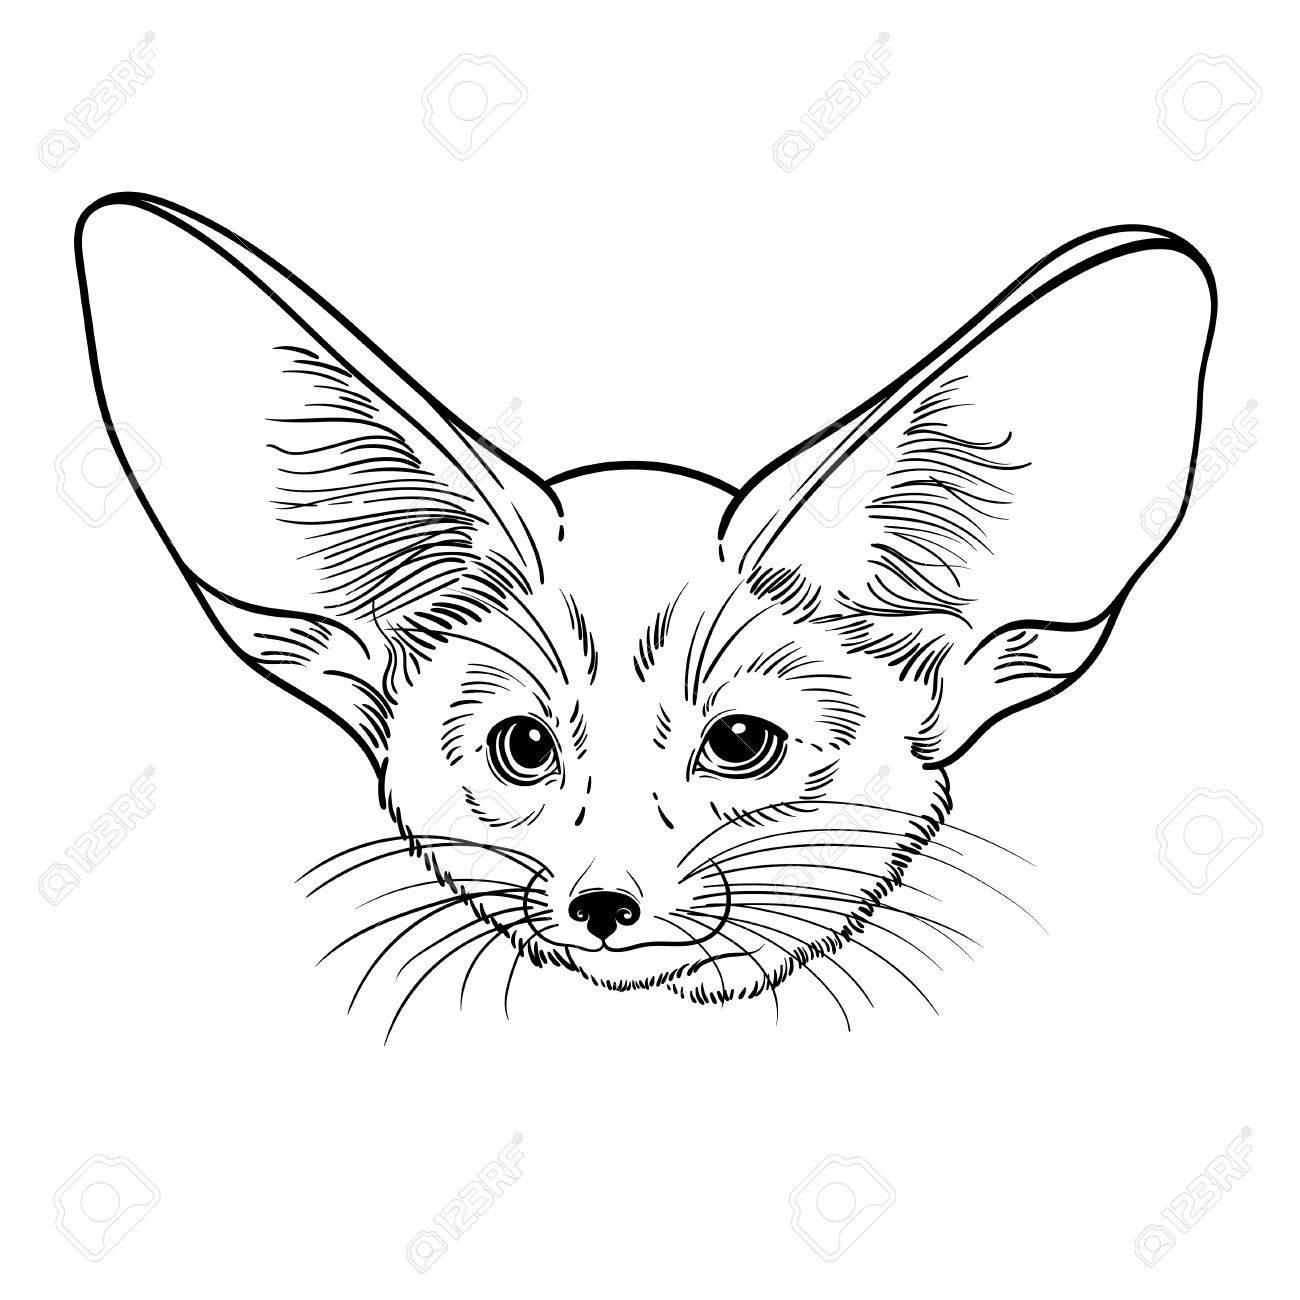 Lindo Animal Pequeño Zorro Fennec. Ilustración Linear De Los Niños ...